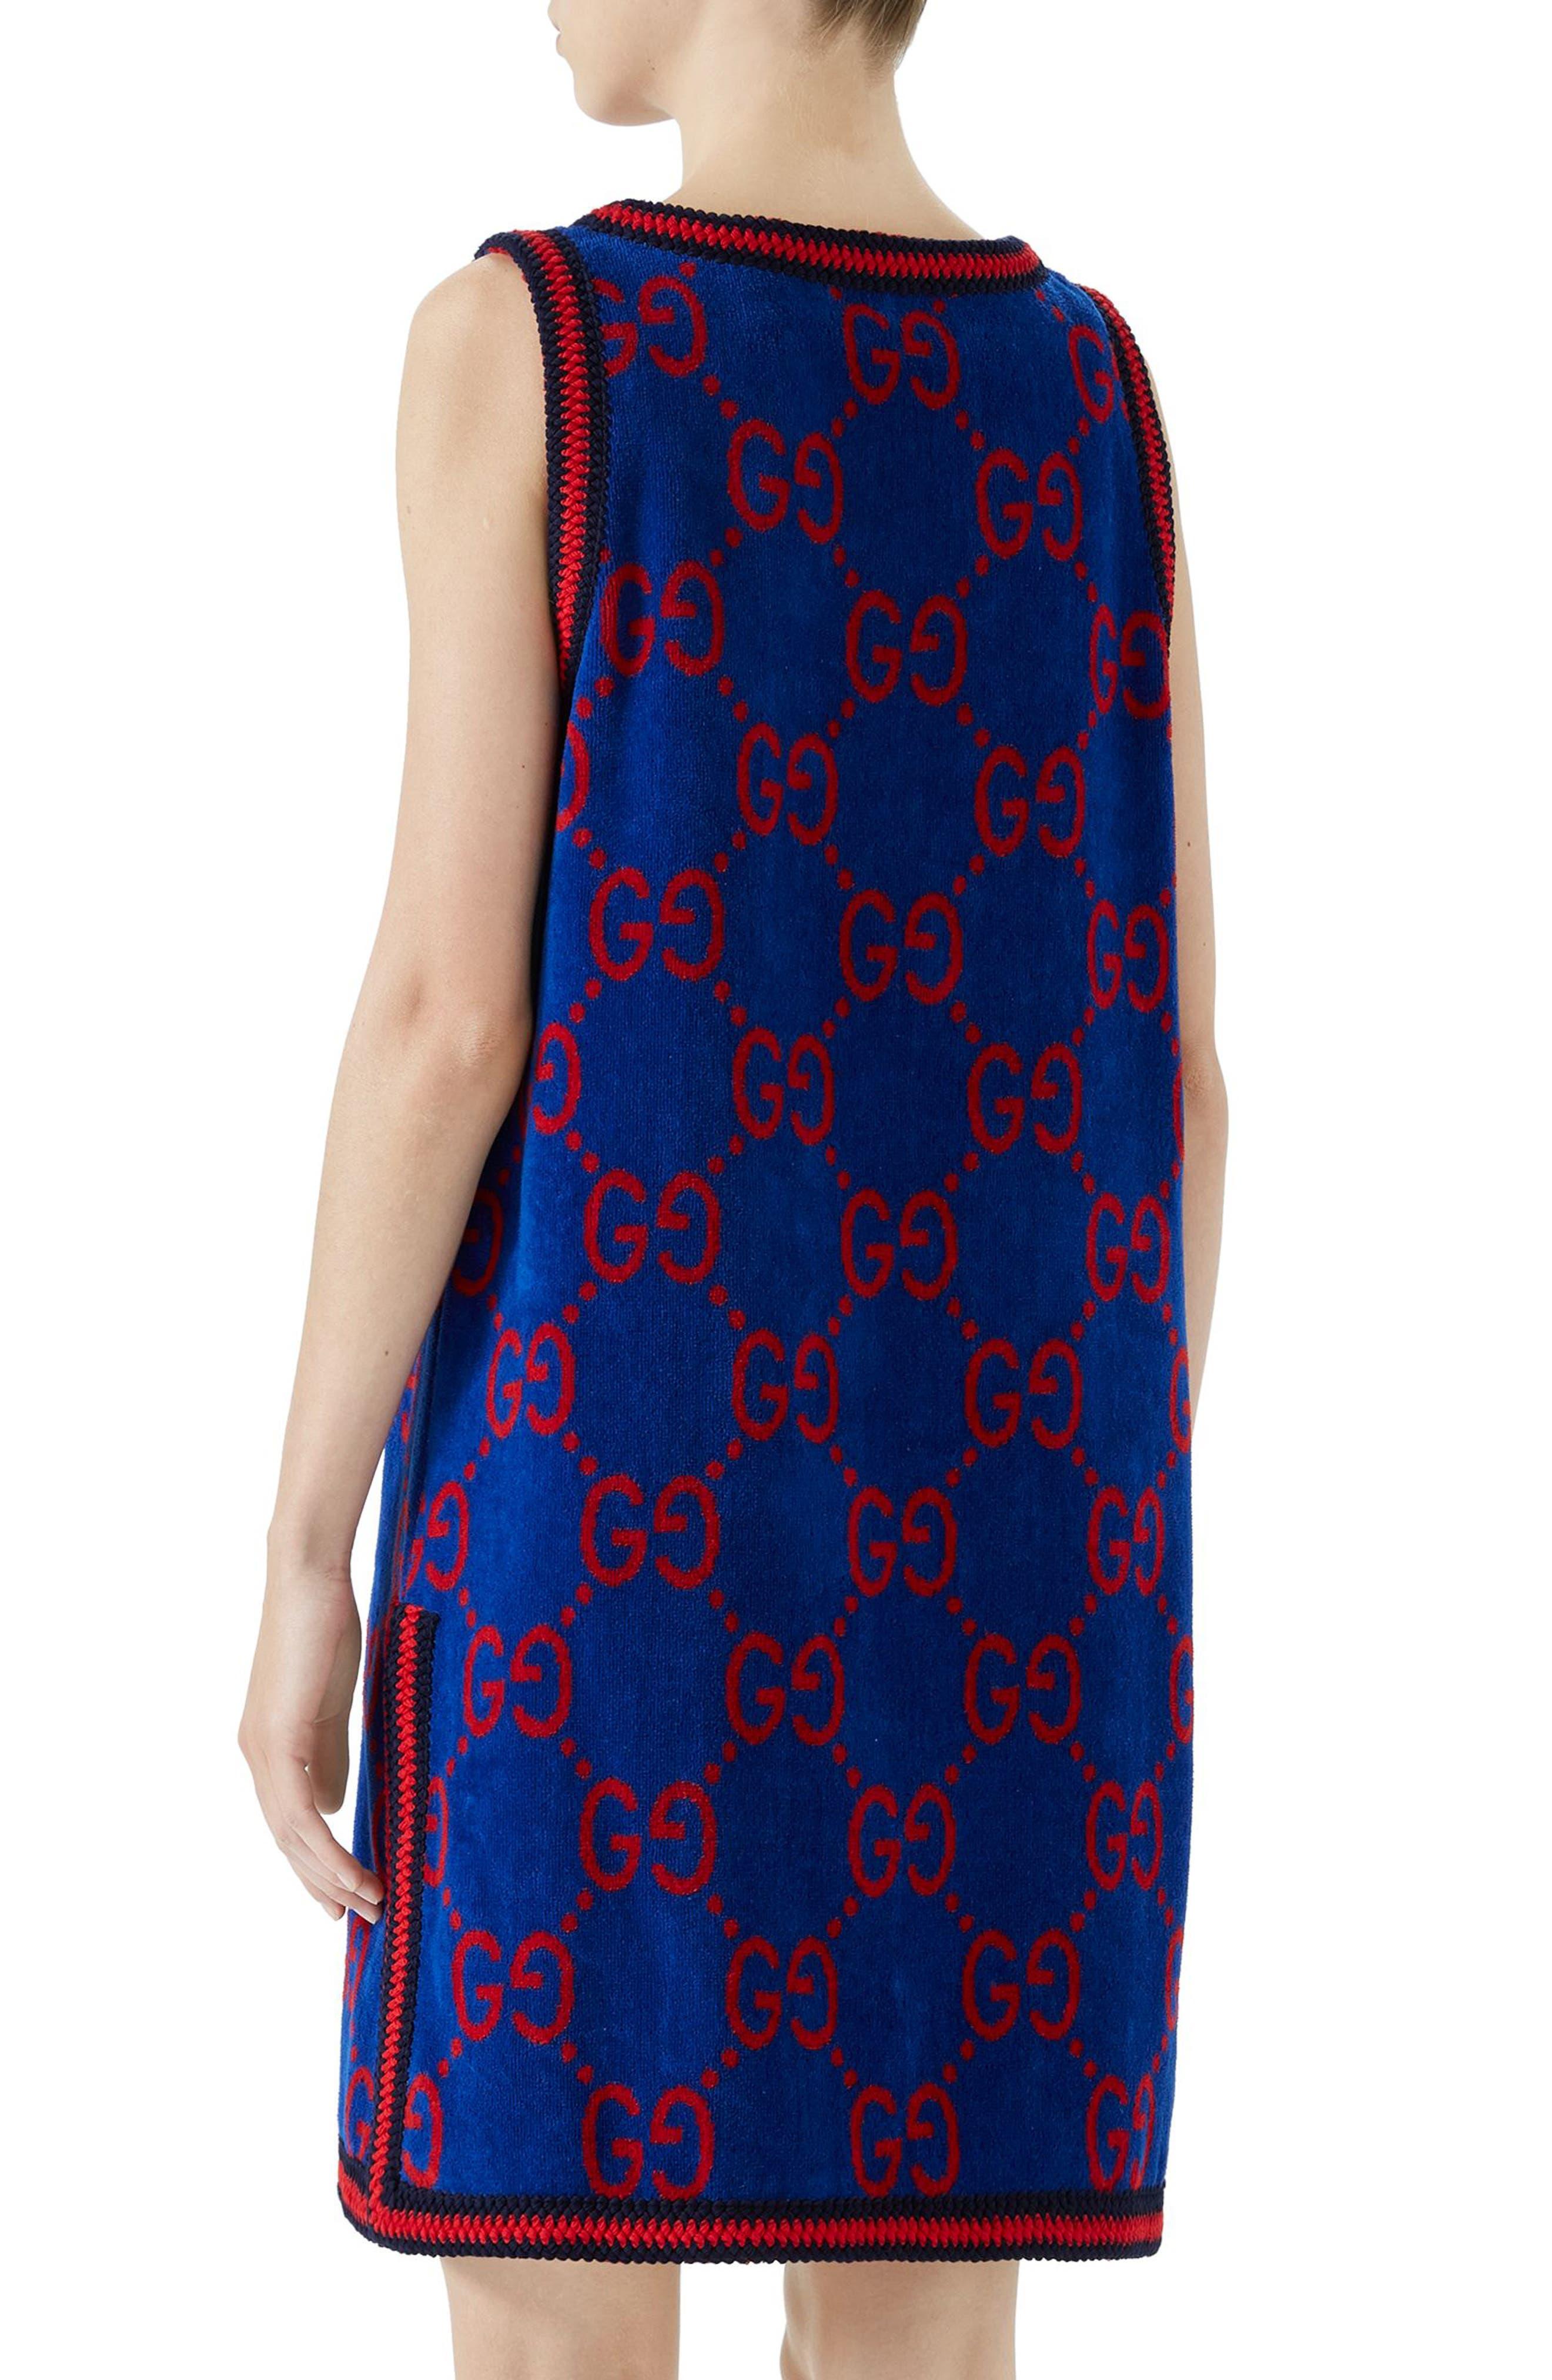 GG Cotton Jacquard Shift Dress,                             Alternate thumbnail 2, color,                             Multi